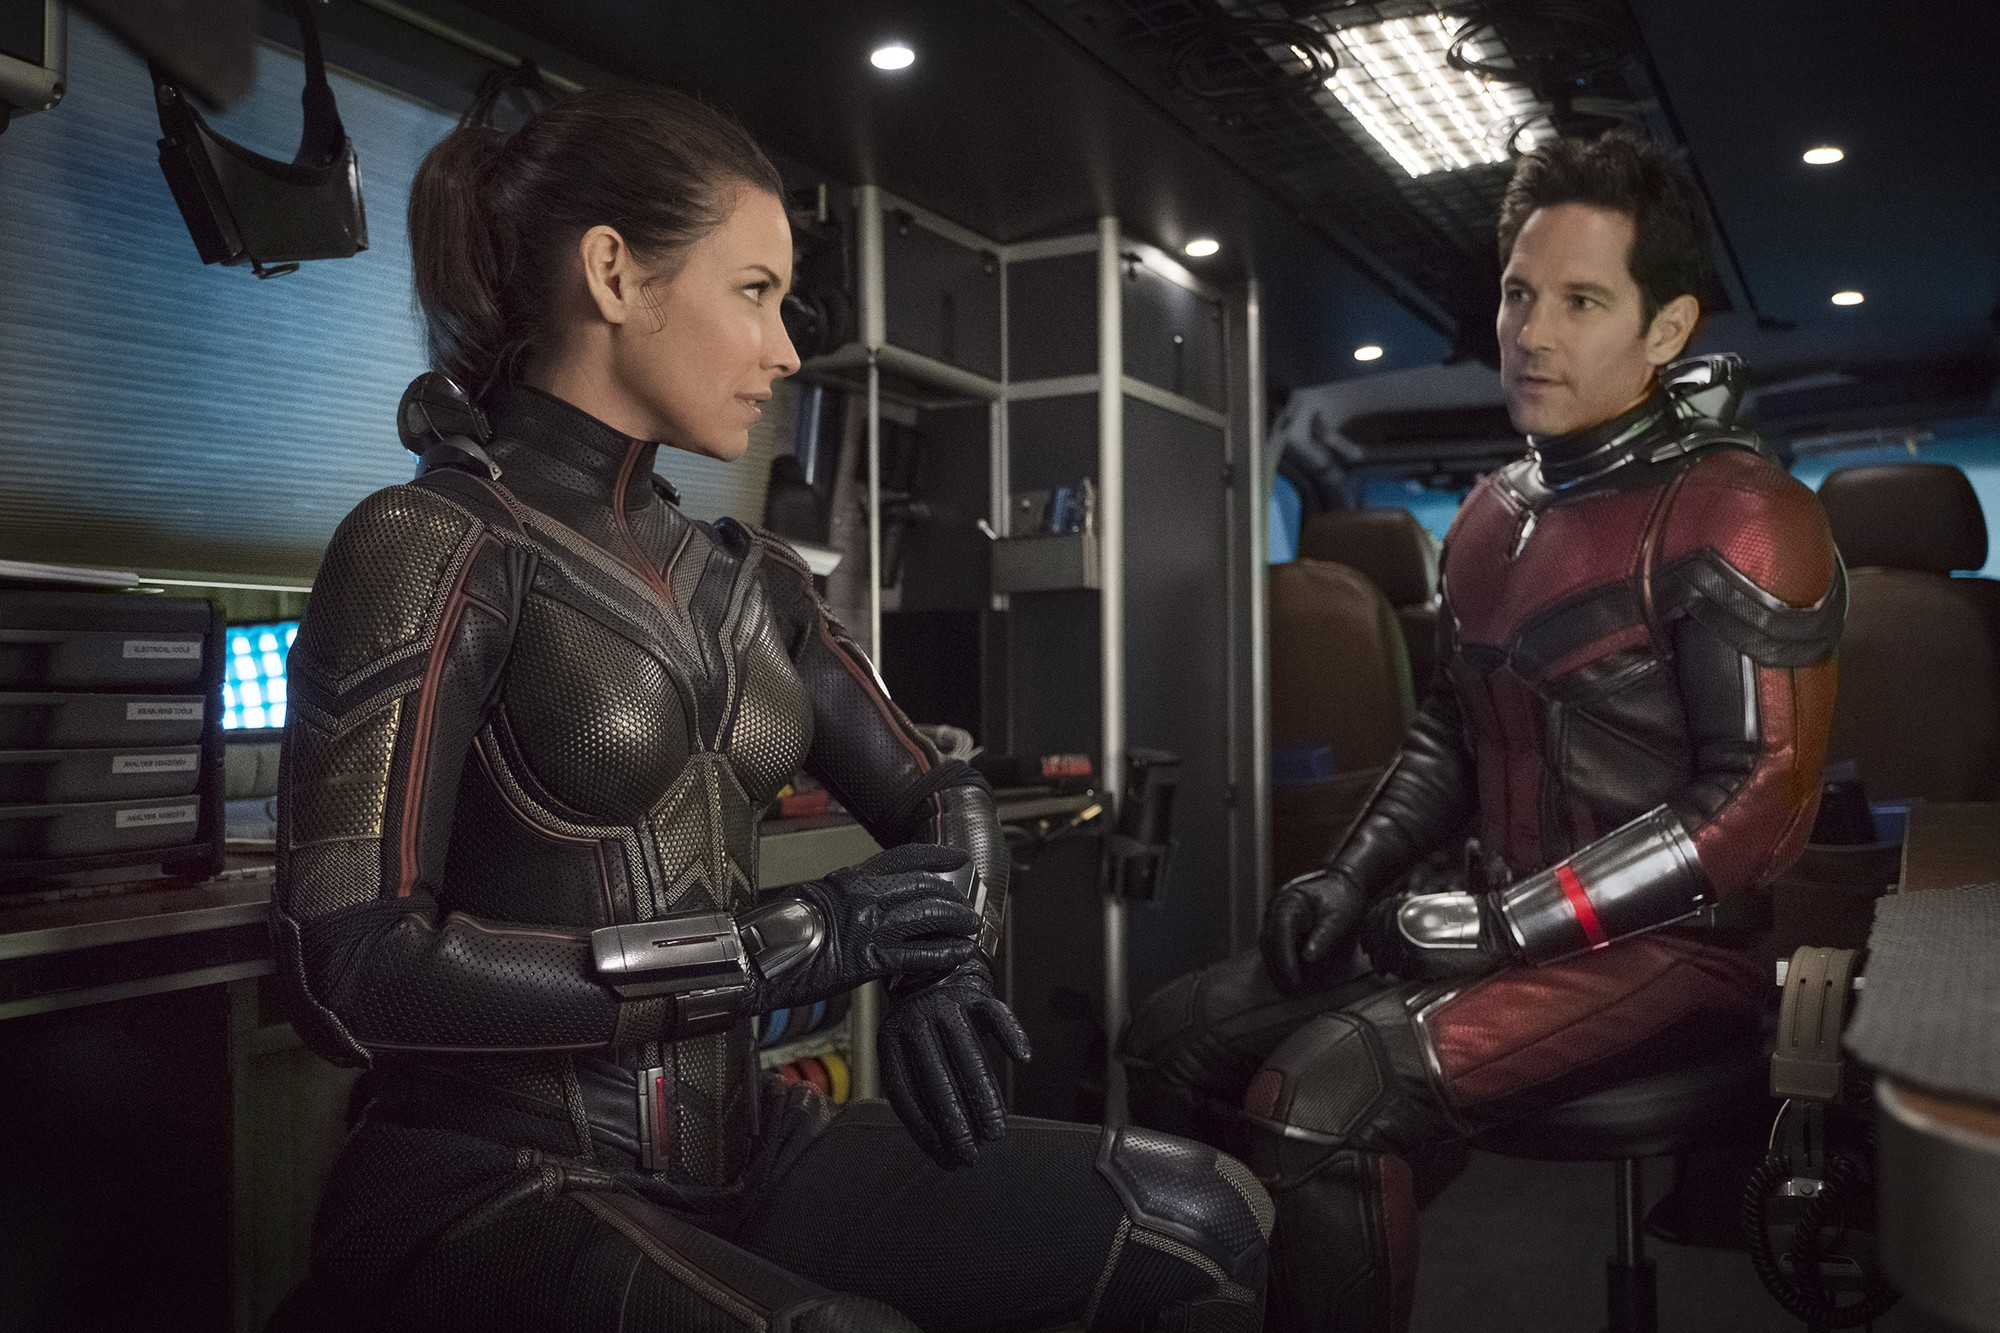 7 nữ siêu anh hùng bá đạo không kém Captain Marvel trên màn ảnh rộng - Ảnh 4.